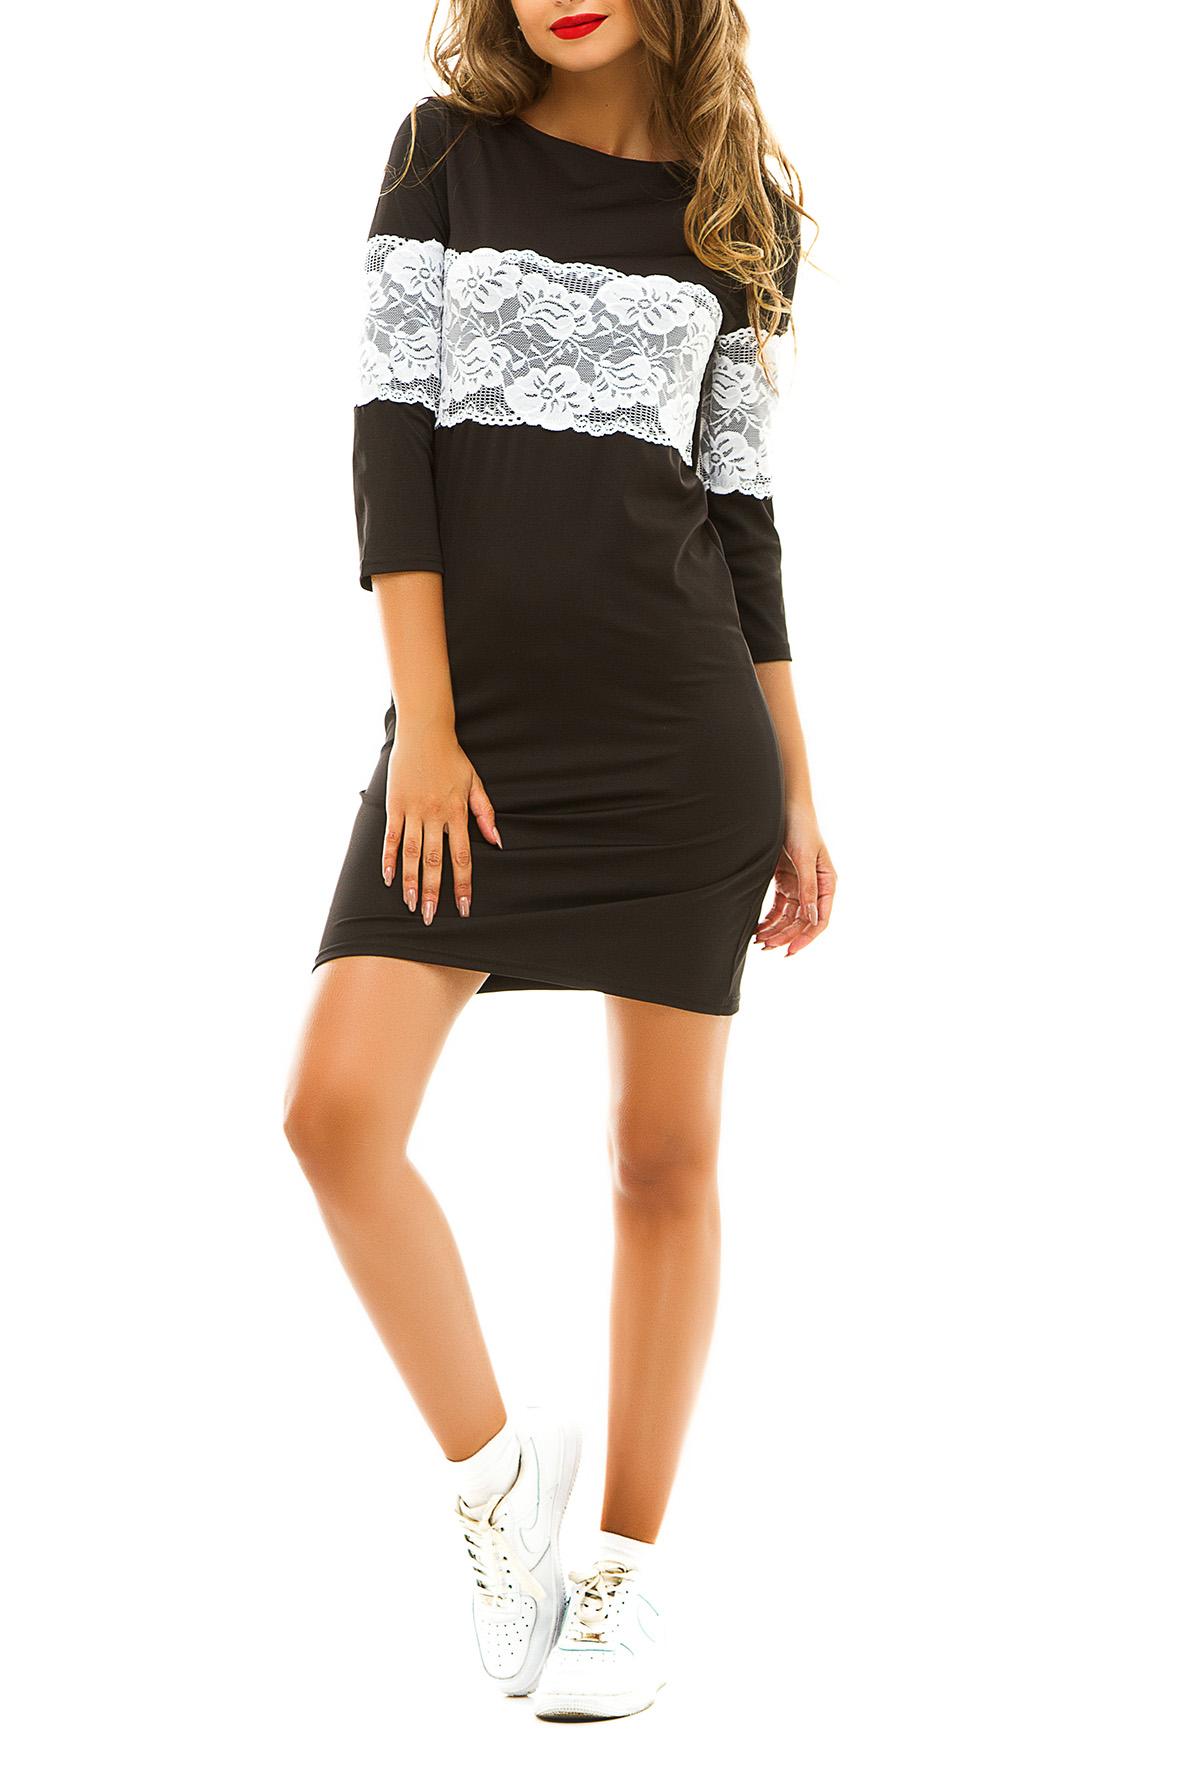 ПлатьеПлатья<br>Демисезонное платье, украшенное широкой кружевной вставкой контрастного цвета идеально подойдет для молодой девушки, которая ценит гармоничное соединение модных тенденций и комфорта. Широкое кружево на груди и рукавах зрительно увеличивает грудь и уменьшает талию. Особым преимуществом этой модели можно считать универсальность.  Цвет: черный с белым кружевом.  Ростовка изделия 170 см<br><br>Горловина: Лодочка<br>По длине: До колена<br>По материалу: Гипюр,Трикотаж<br>По образу: Город,Свидание<br>По рисунку: Цветные<br>По силуэту: Полуприталенные<br>По стилю: Молодежный стиль,Повседневный стиль<br>По форме: Платье - футляр<br>По элементам: С декором<br>Рукав: Рукав три четверти<br>По сезону: Осень,Весна<br>Размер : 44-46<br>Материал: Трикотаж + Гипюр<br>Количество в наличии: 1